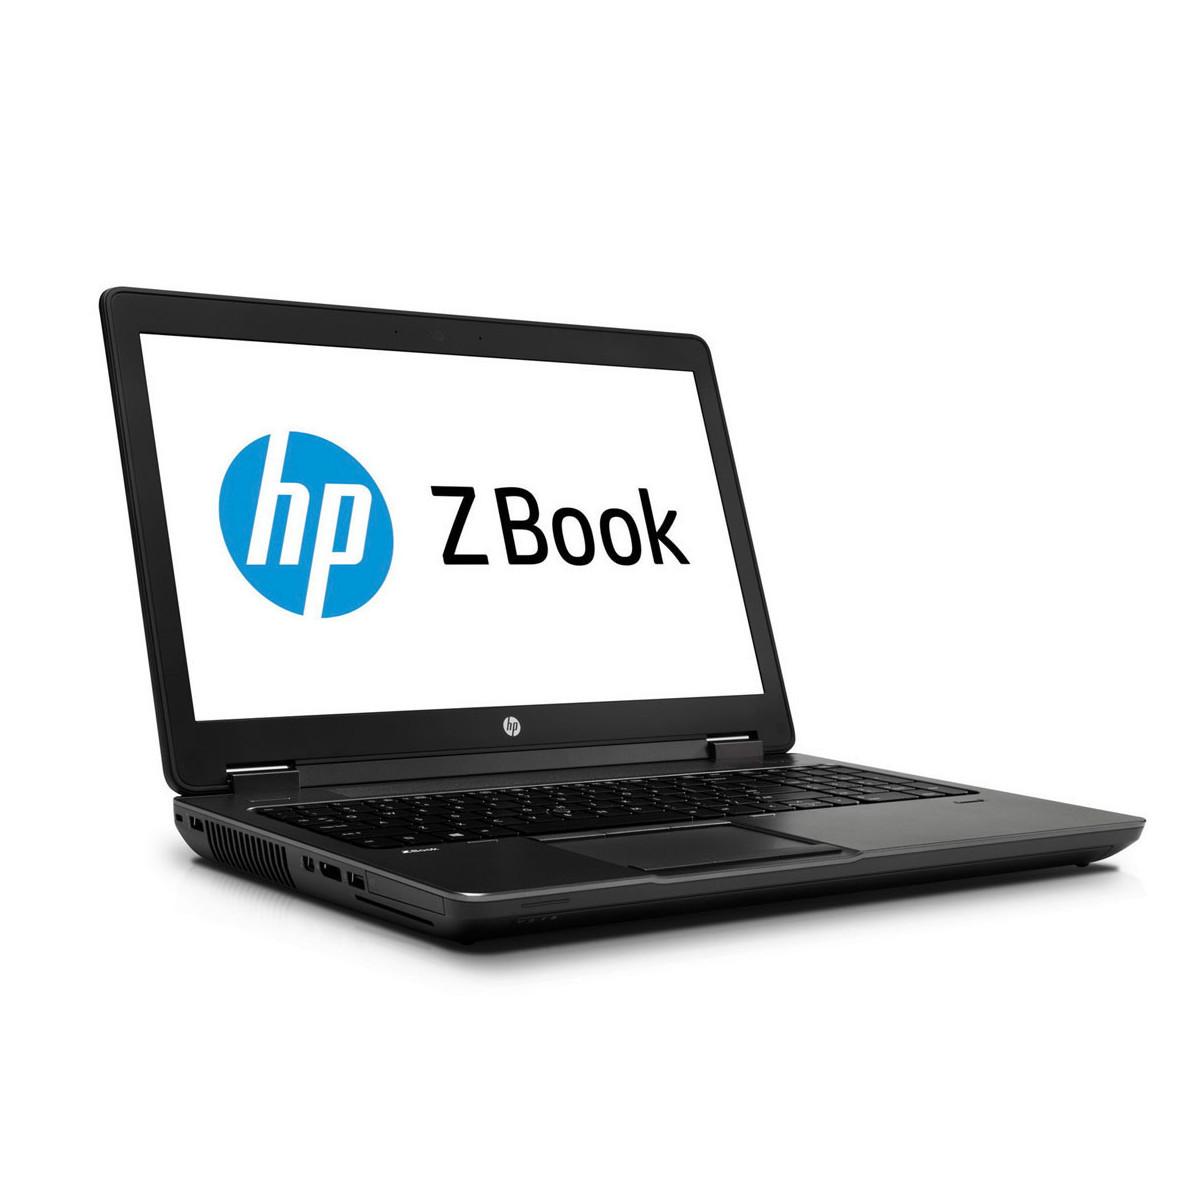 【500円クーポン使えます!】中古ノートパソコンHP ZBook15 Mobile Workstation G7T32AV 【中古】 HP ZBook15 Mobile Workstation 中古ノートパソコンCore i7 Win7 Pro HP ZBook15 Mobile Workstation 中古ノートパソコンCore i7 Win7 Pro